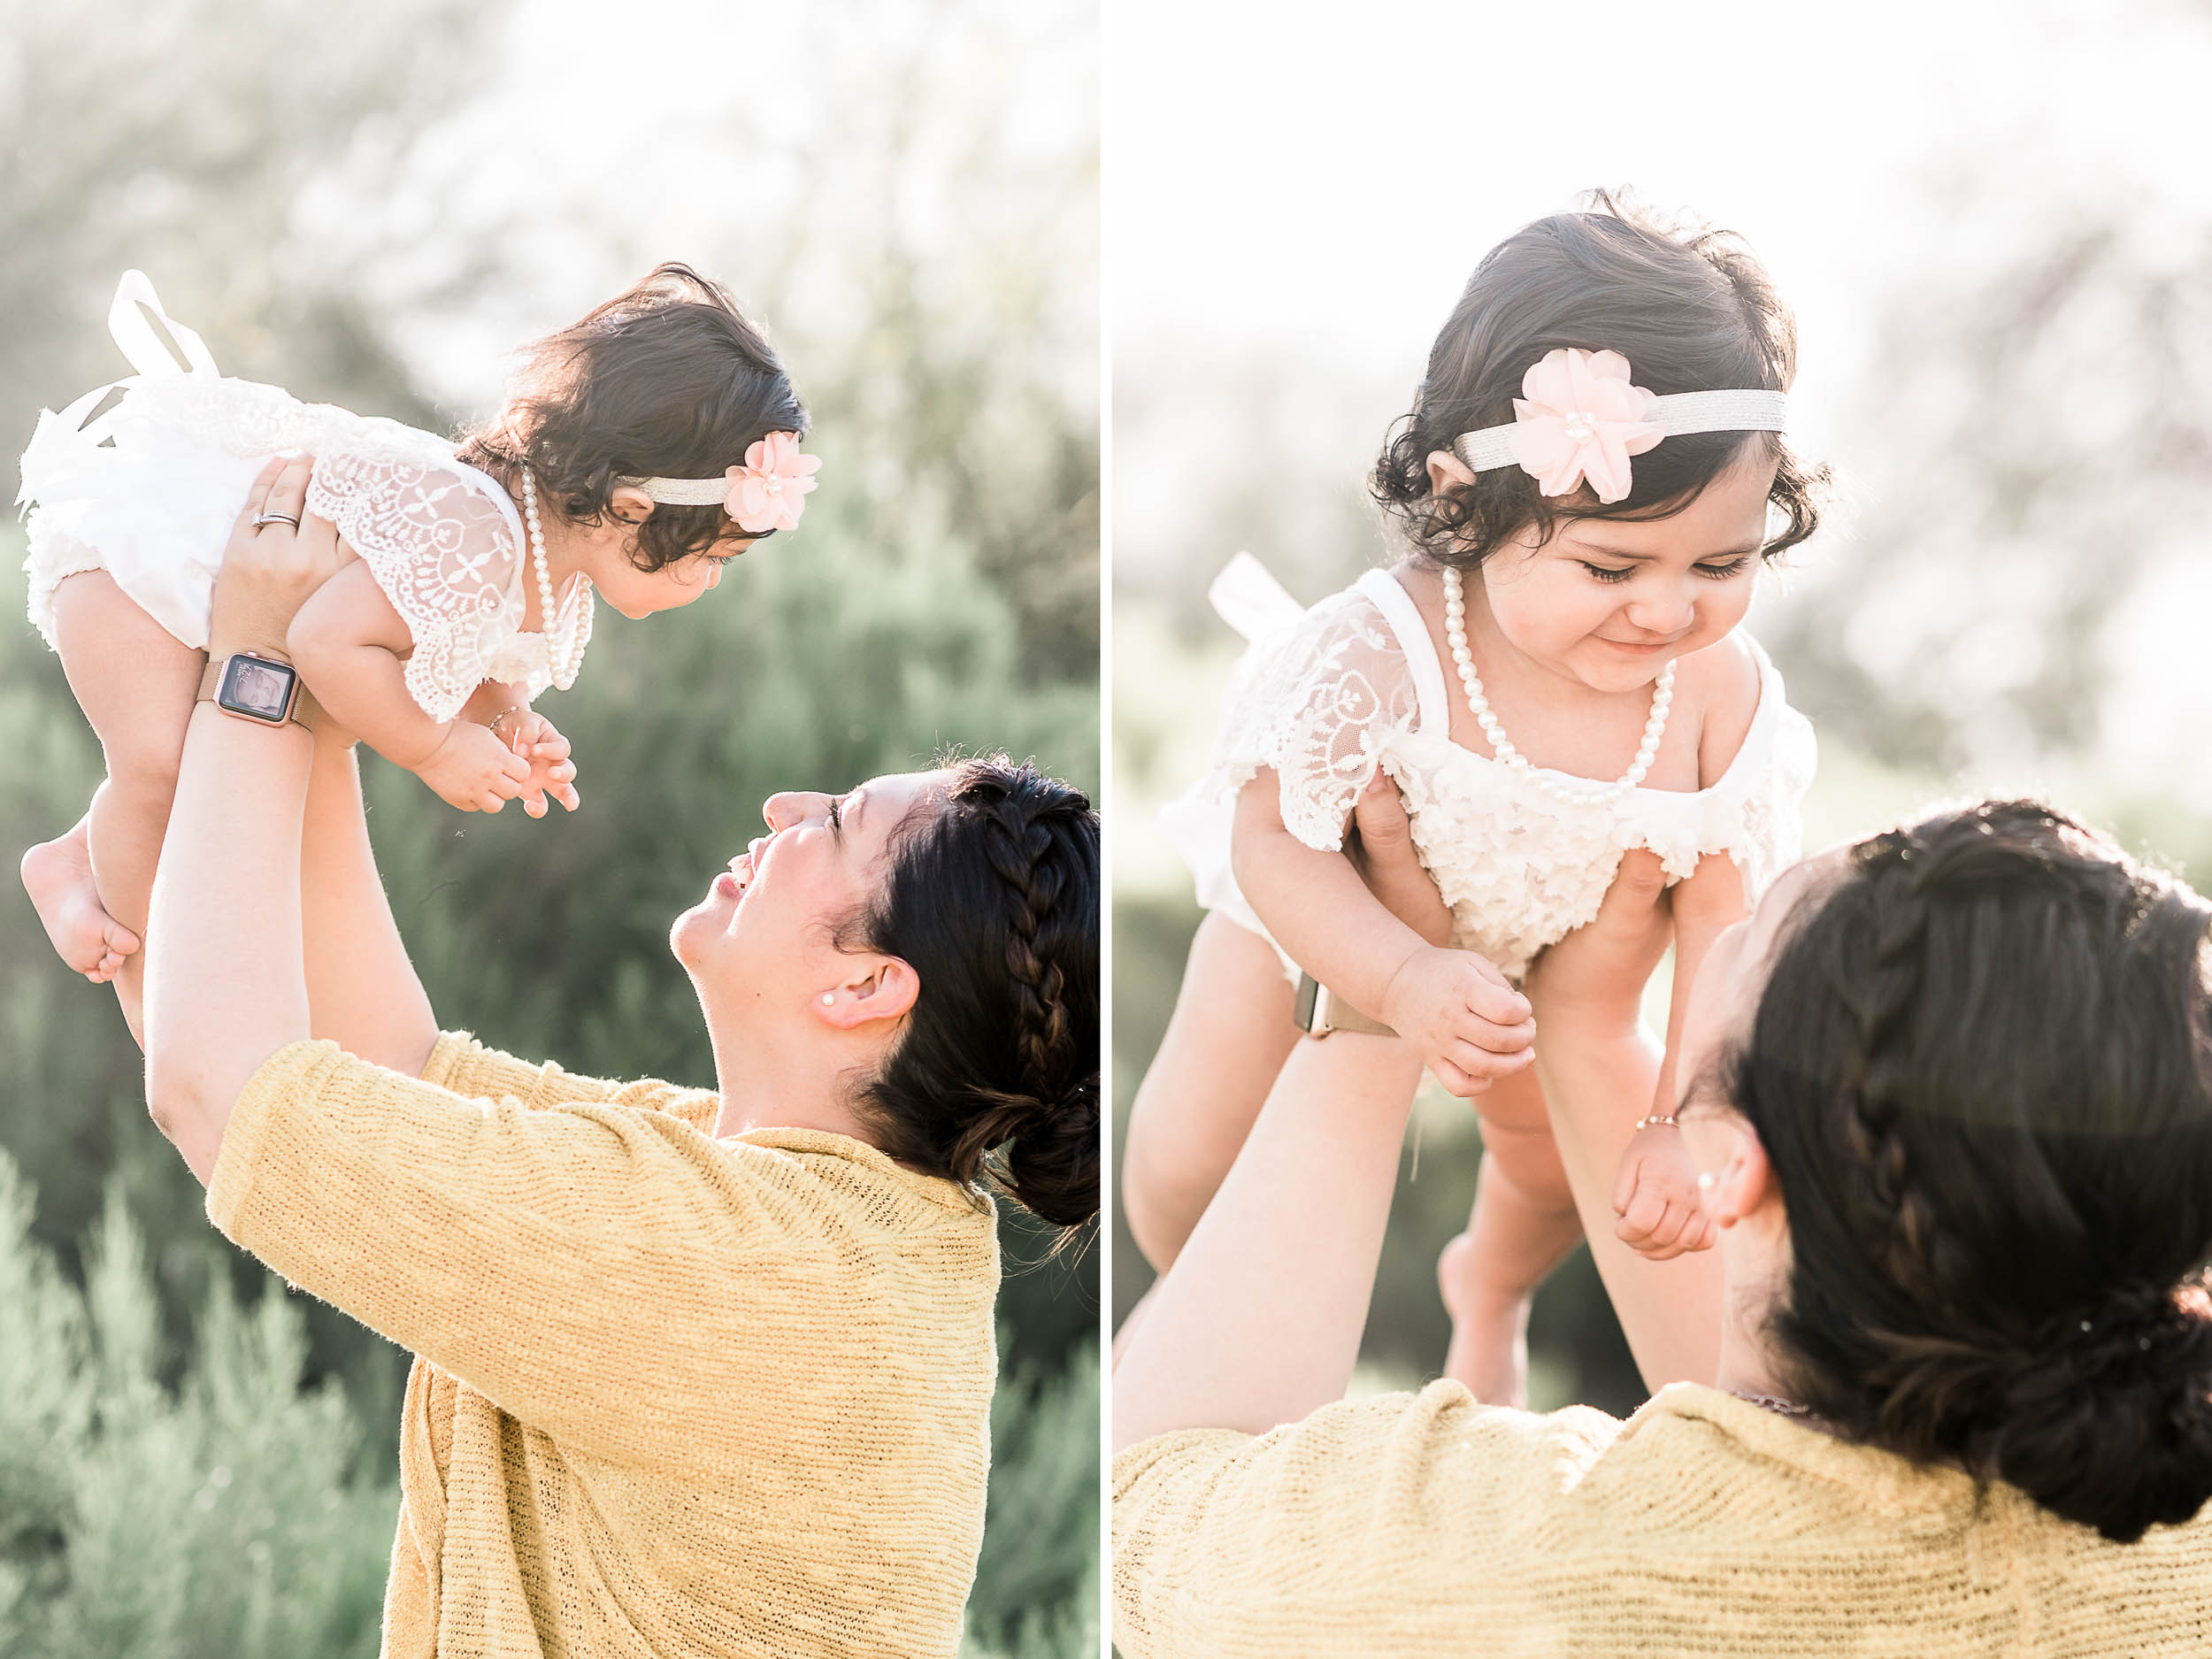 RachaelLaynePhotography_SCfamilyphotographer01-2.jpg